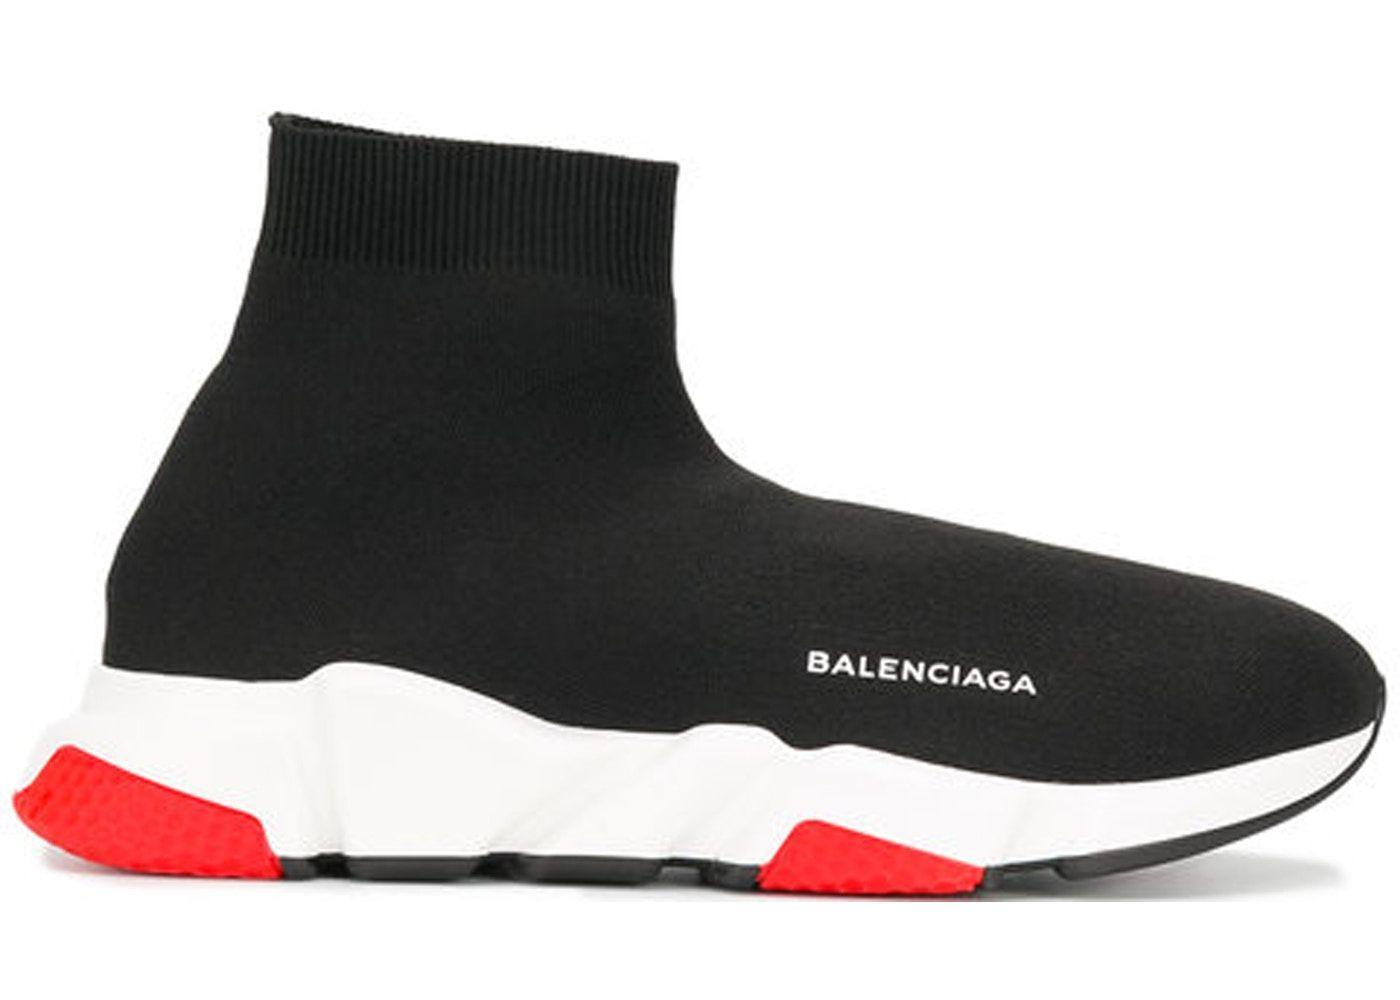 Chúng tôi có đủ mẫu giày Balenciaga nữ cho bạn lựa chọn